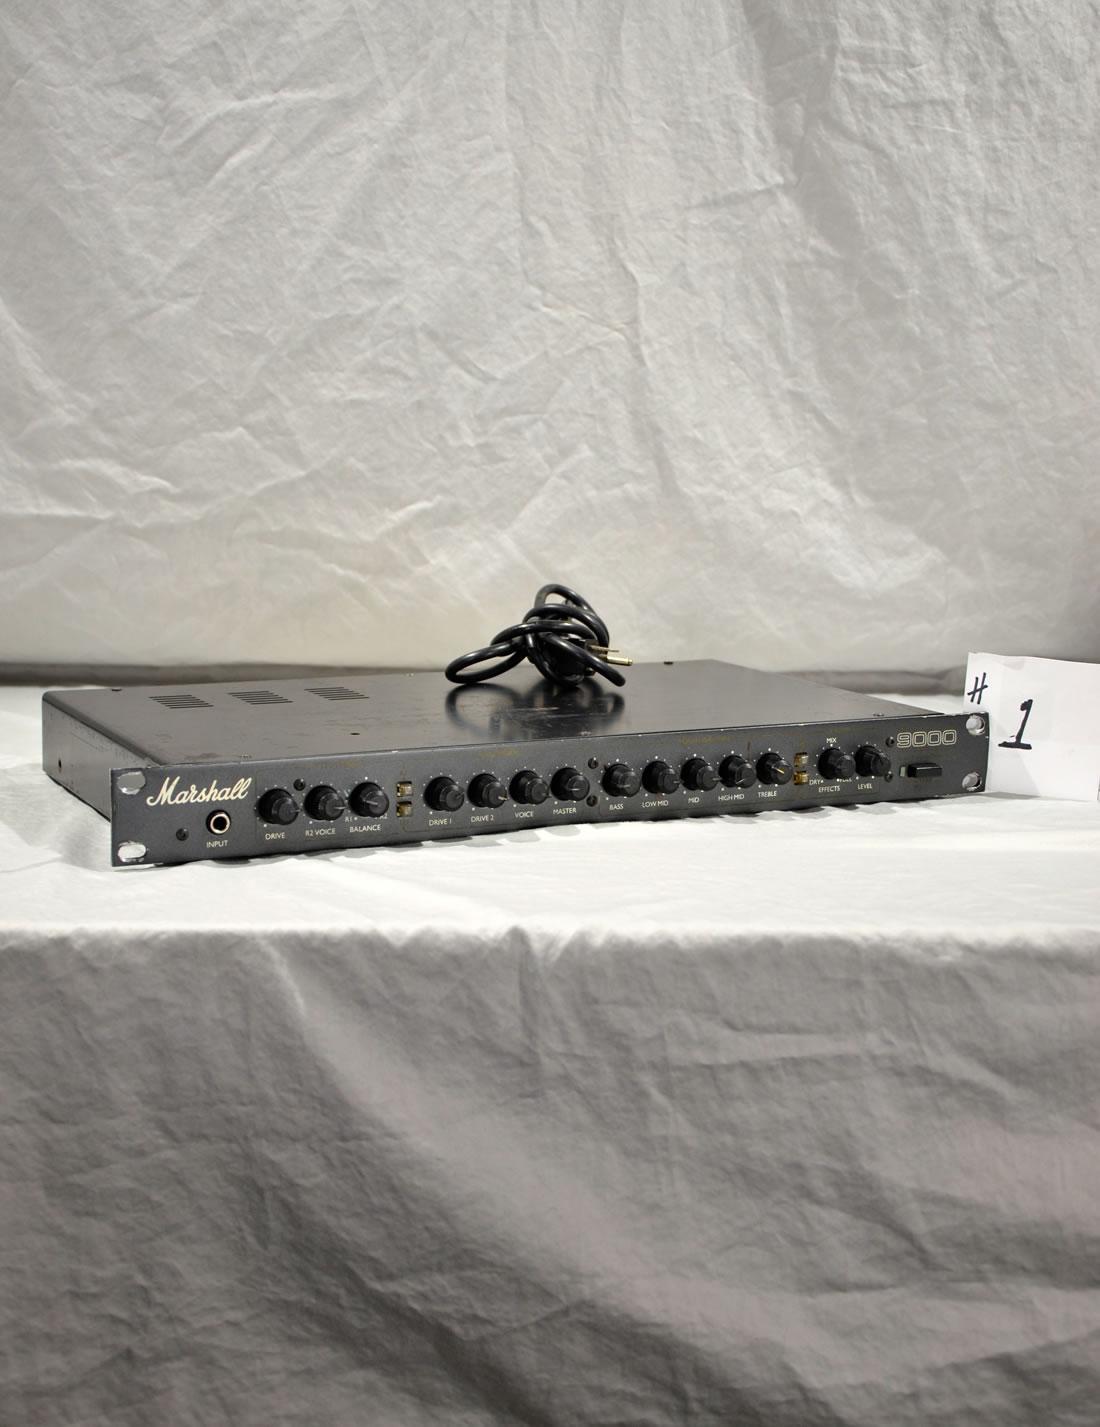 Marshall 9001 Stereo Valve Pre-amp #1